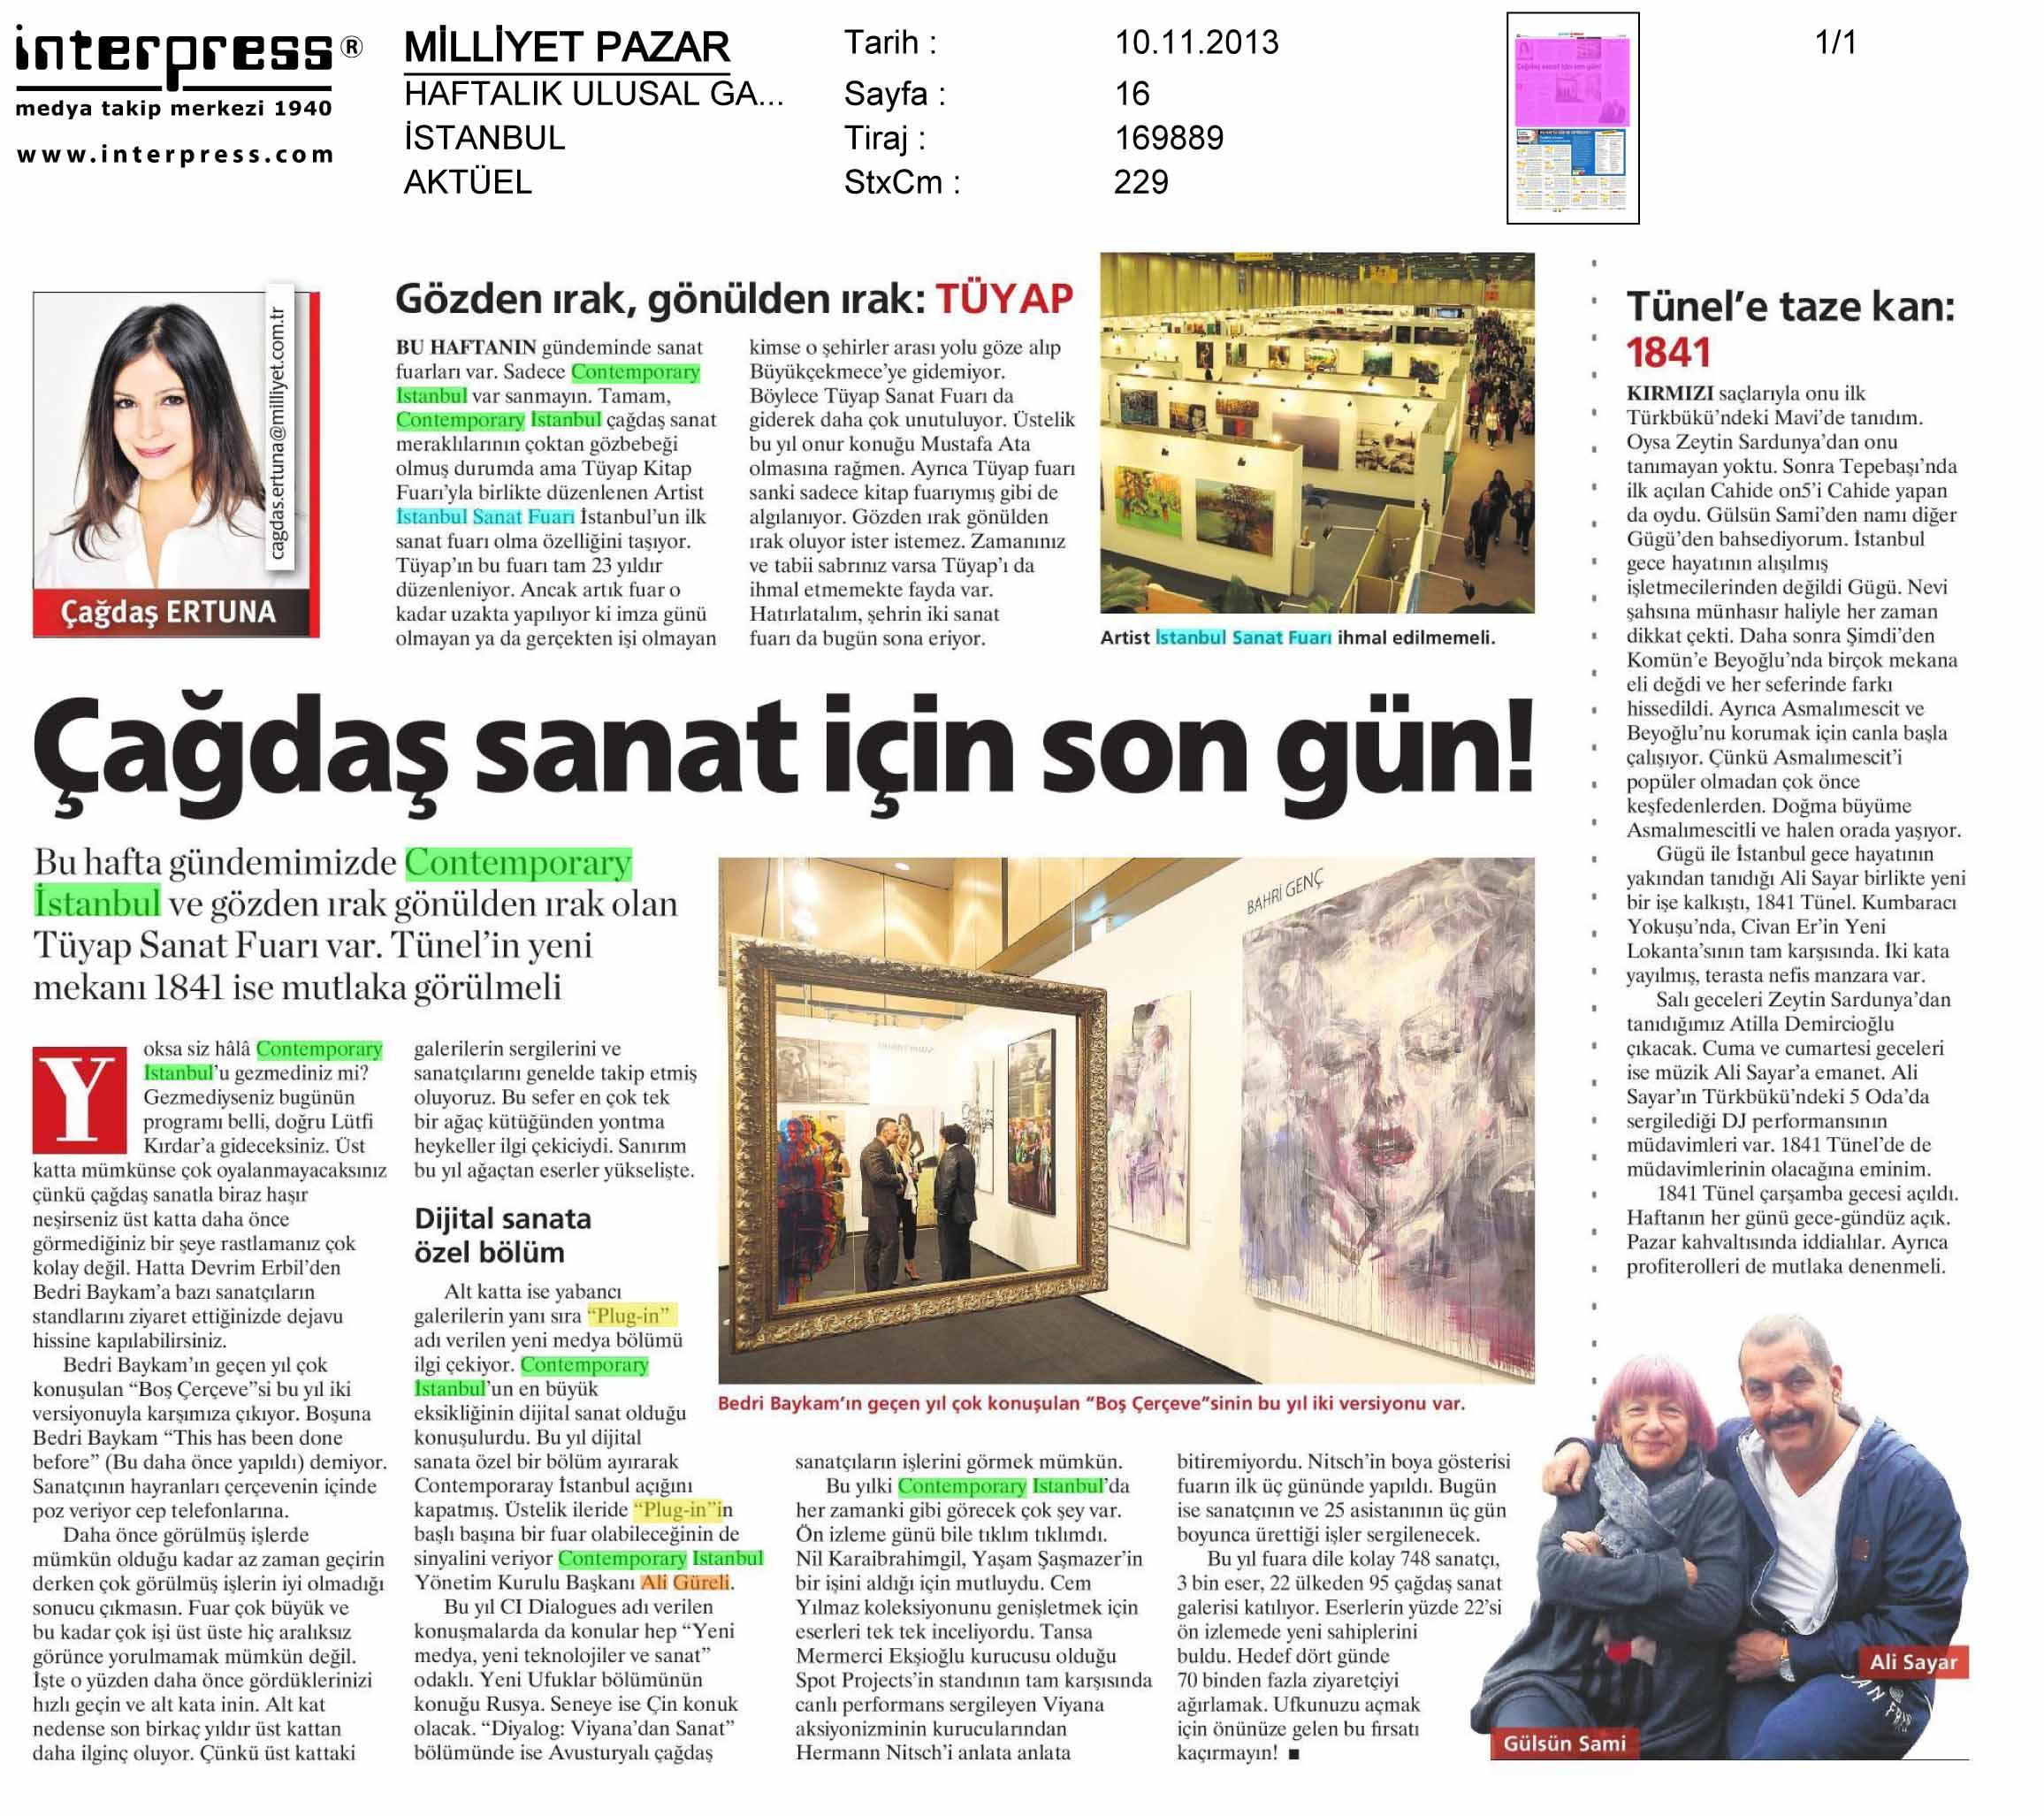 Milliyet Pazar - Ulusal Haftalık Gazete Ek - 10.jpg